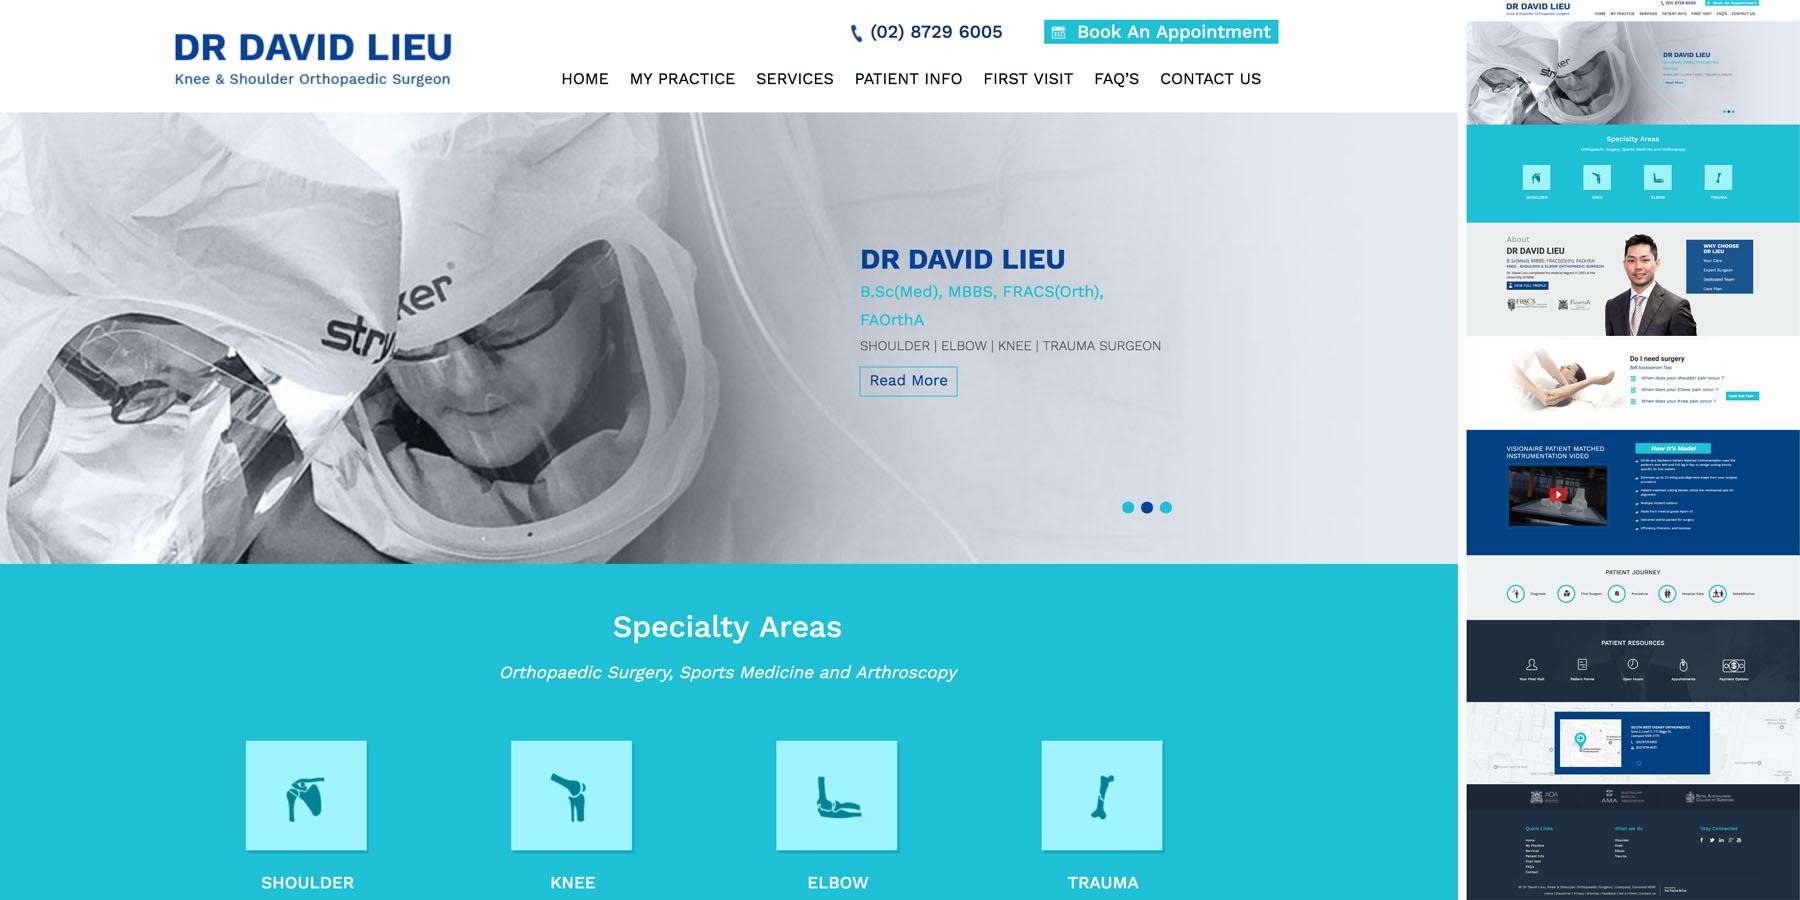 orthopaedic-knee-shoulder-surgeon.jpg